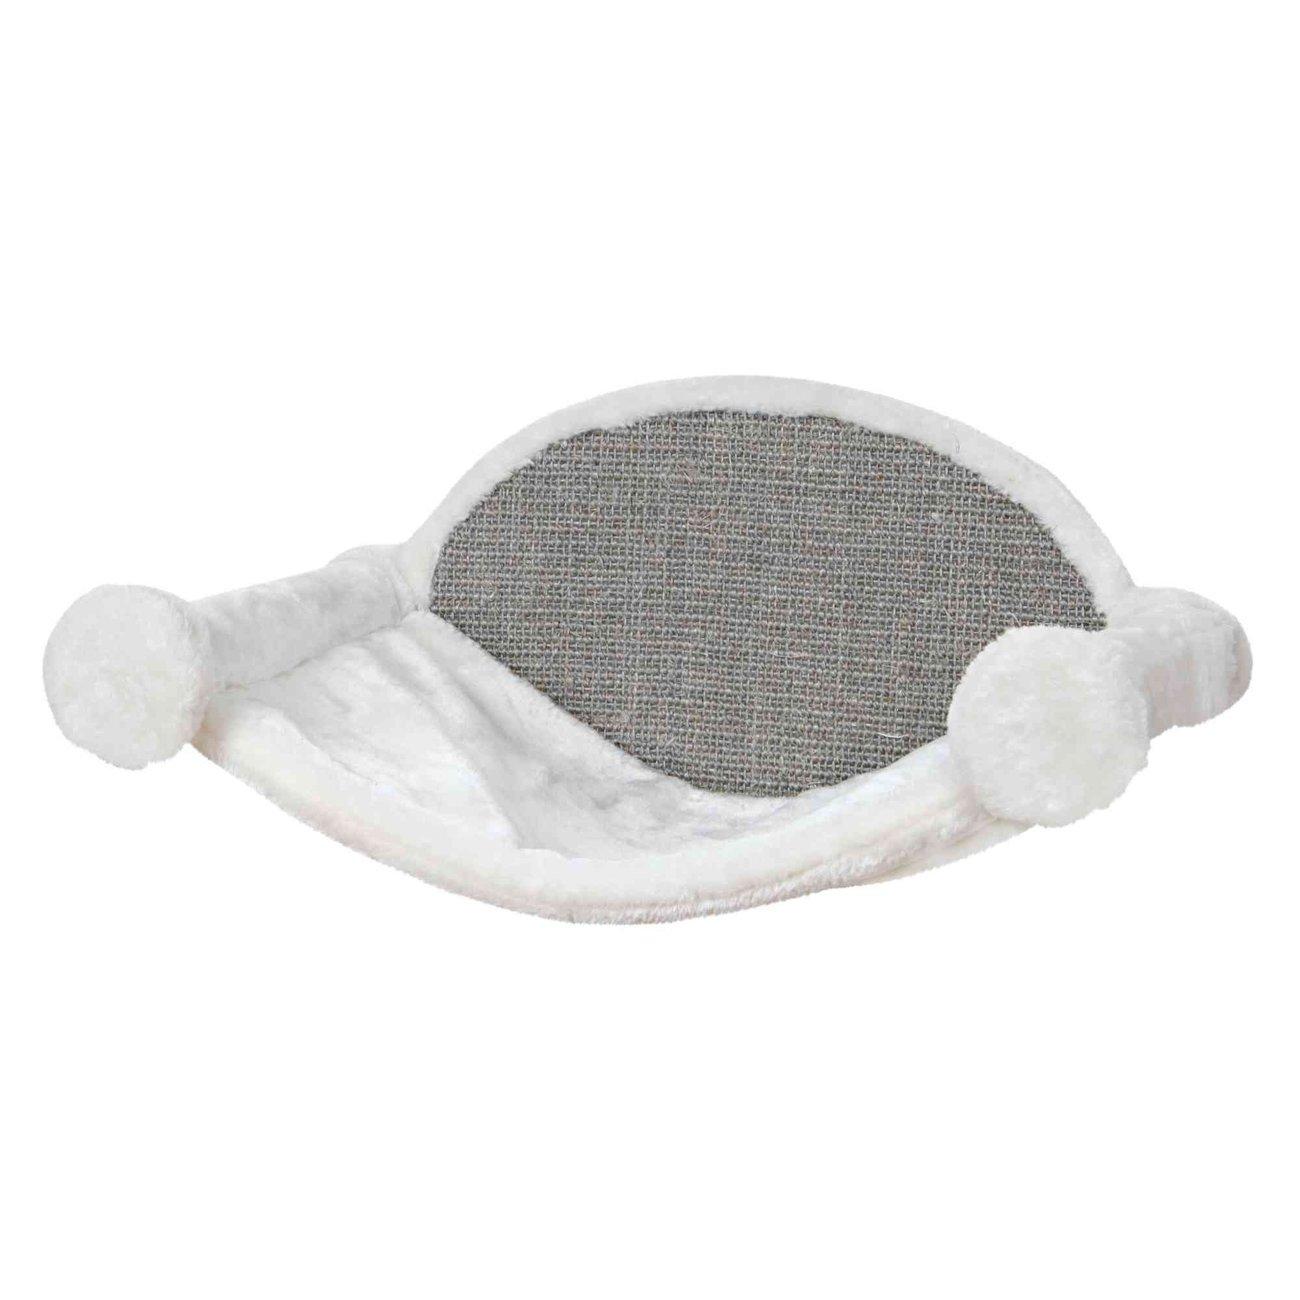 Trixie Katzen Hängematte zur Wandmontage, 54 × 28 × 33 cm, weiß/grau